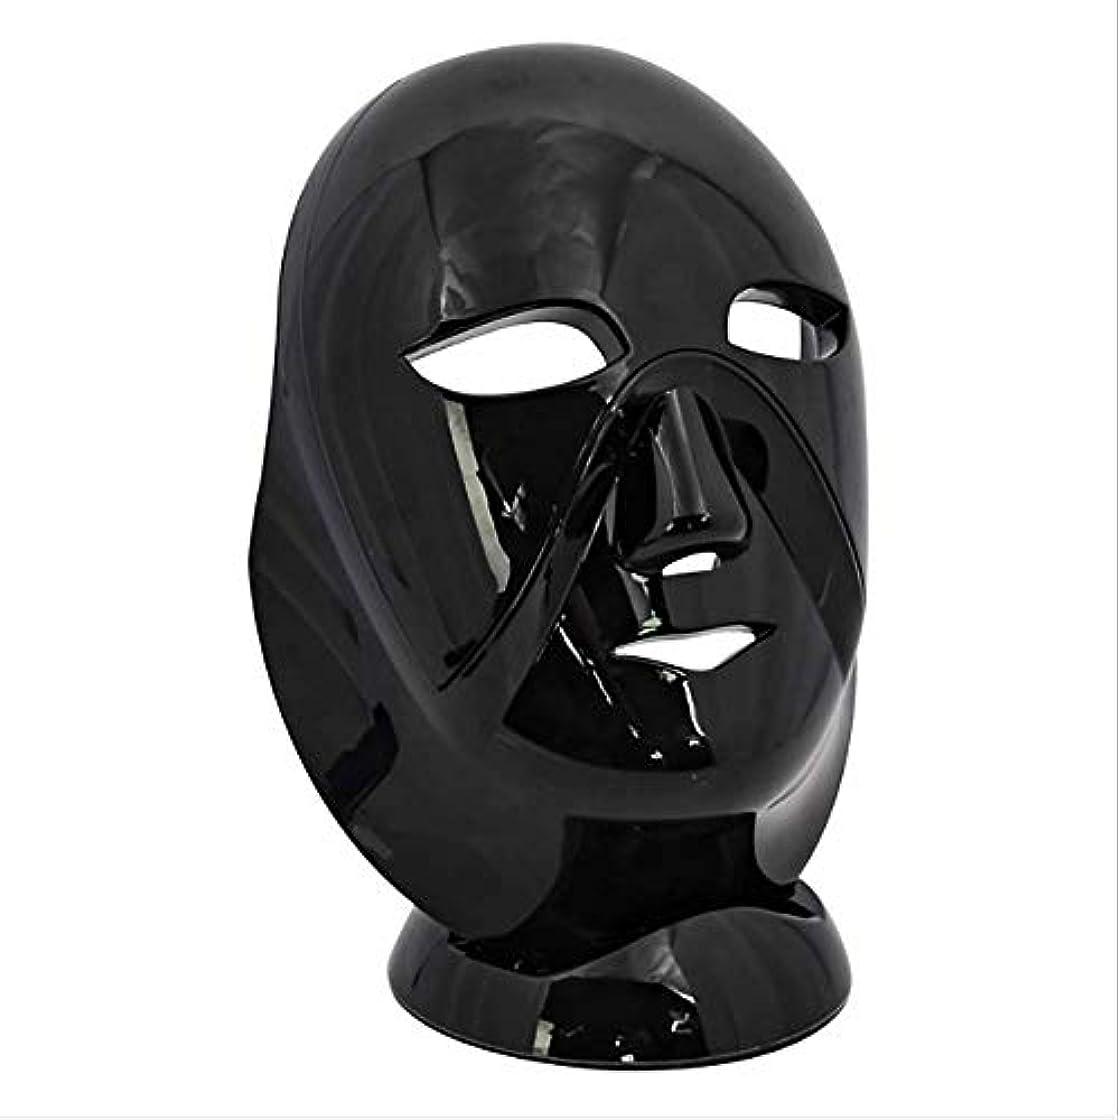 付属品早める粘着性LEDマスクインストゥルメントコールドライトLED電子機器専門の美容若返り機器セラピーフェイシャル?スキンケアマスクデバイスのマスク